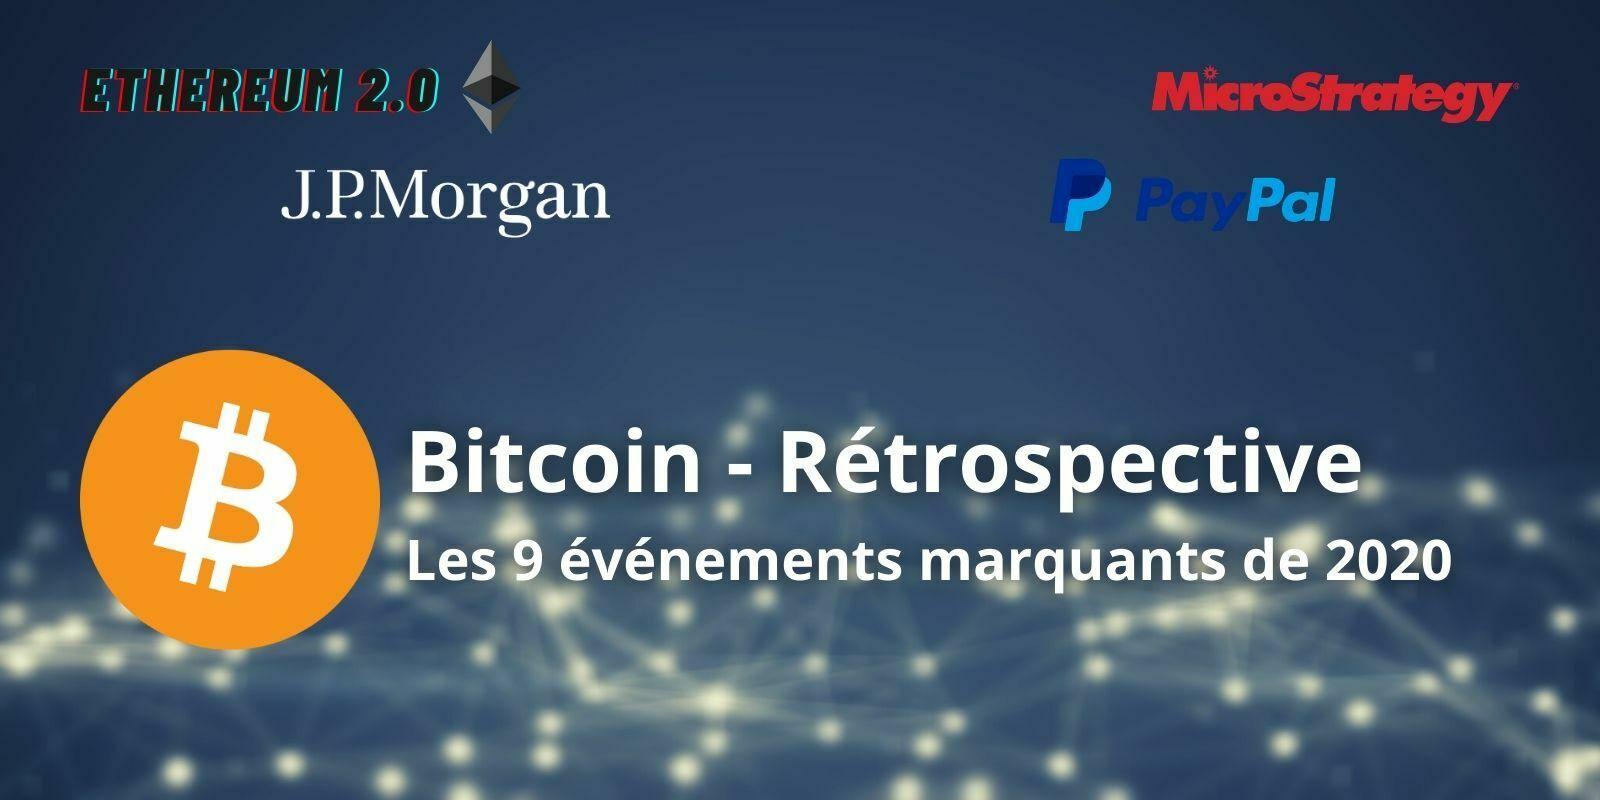 Rétrospective 2020 - Ce qui a marqué le Bitcoin et les cryptomonnaies